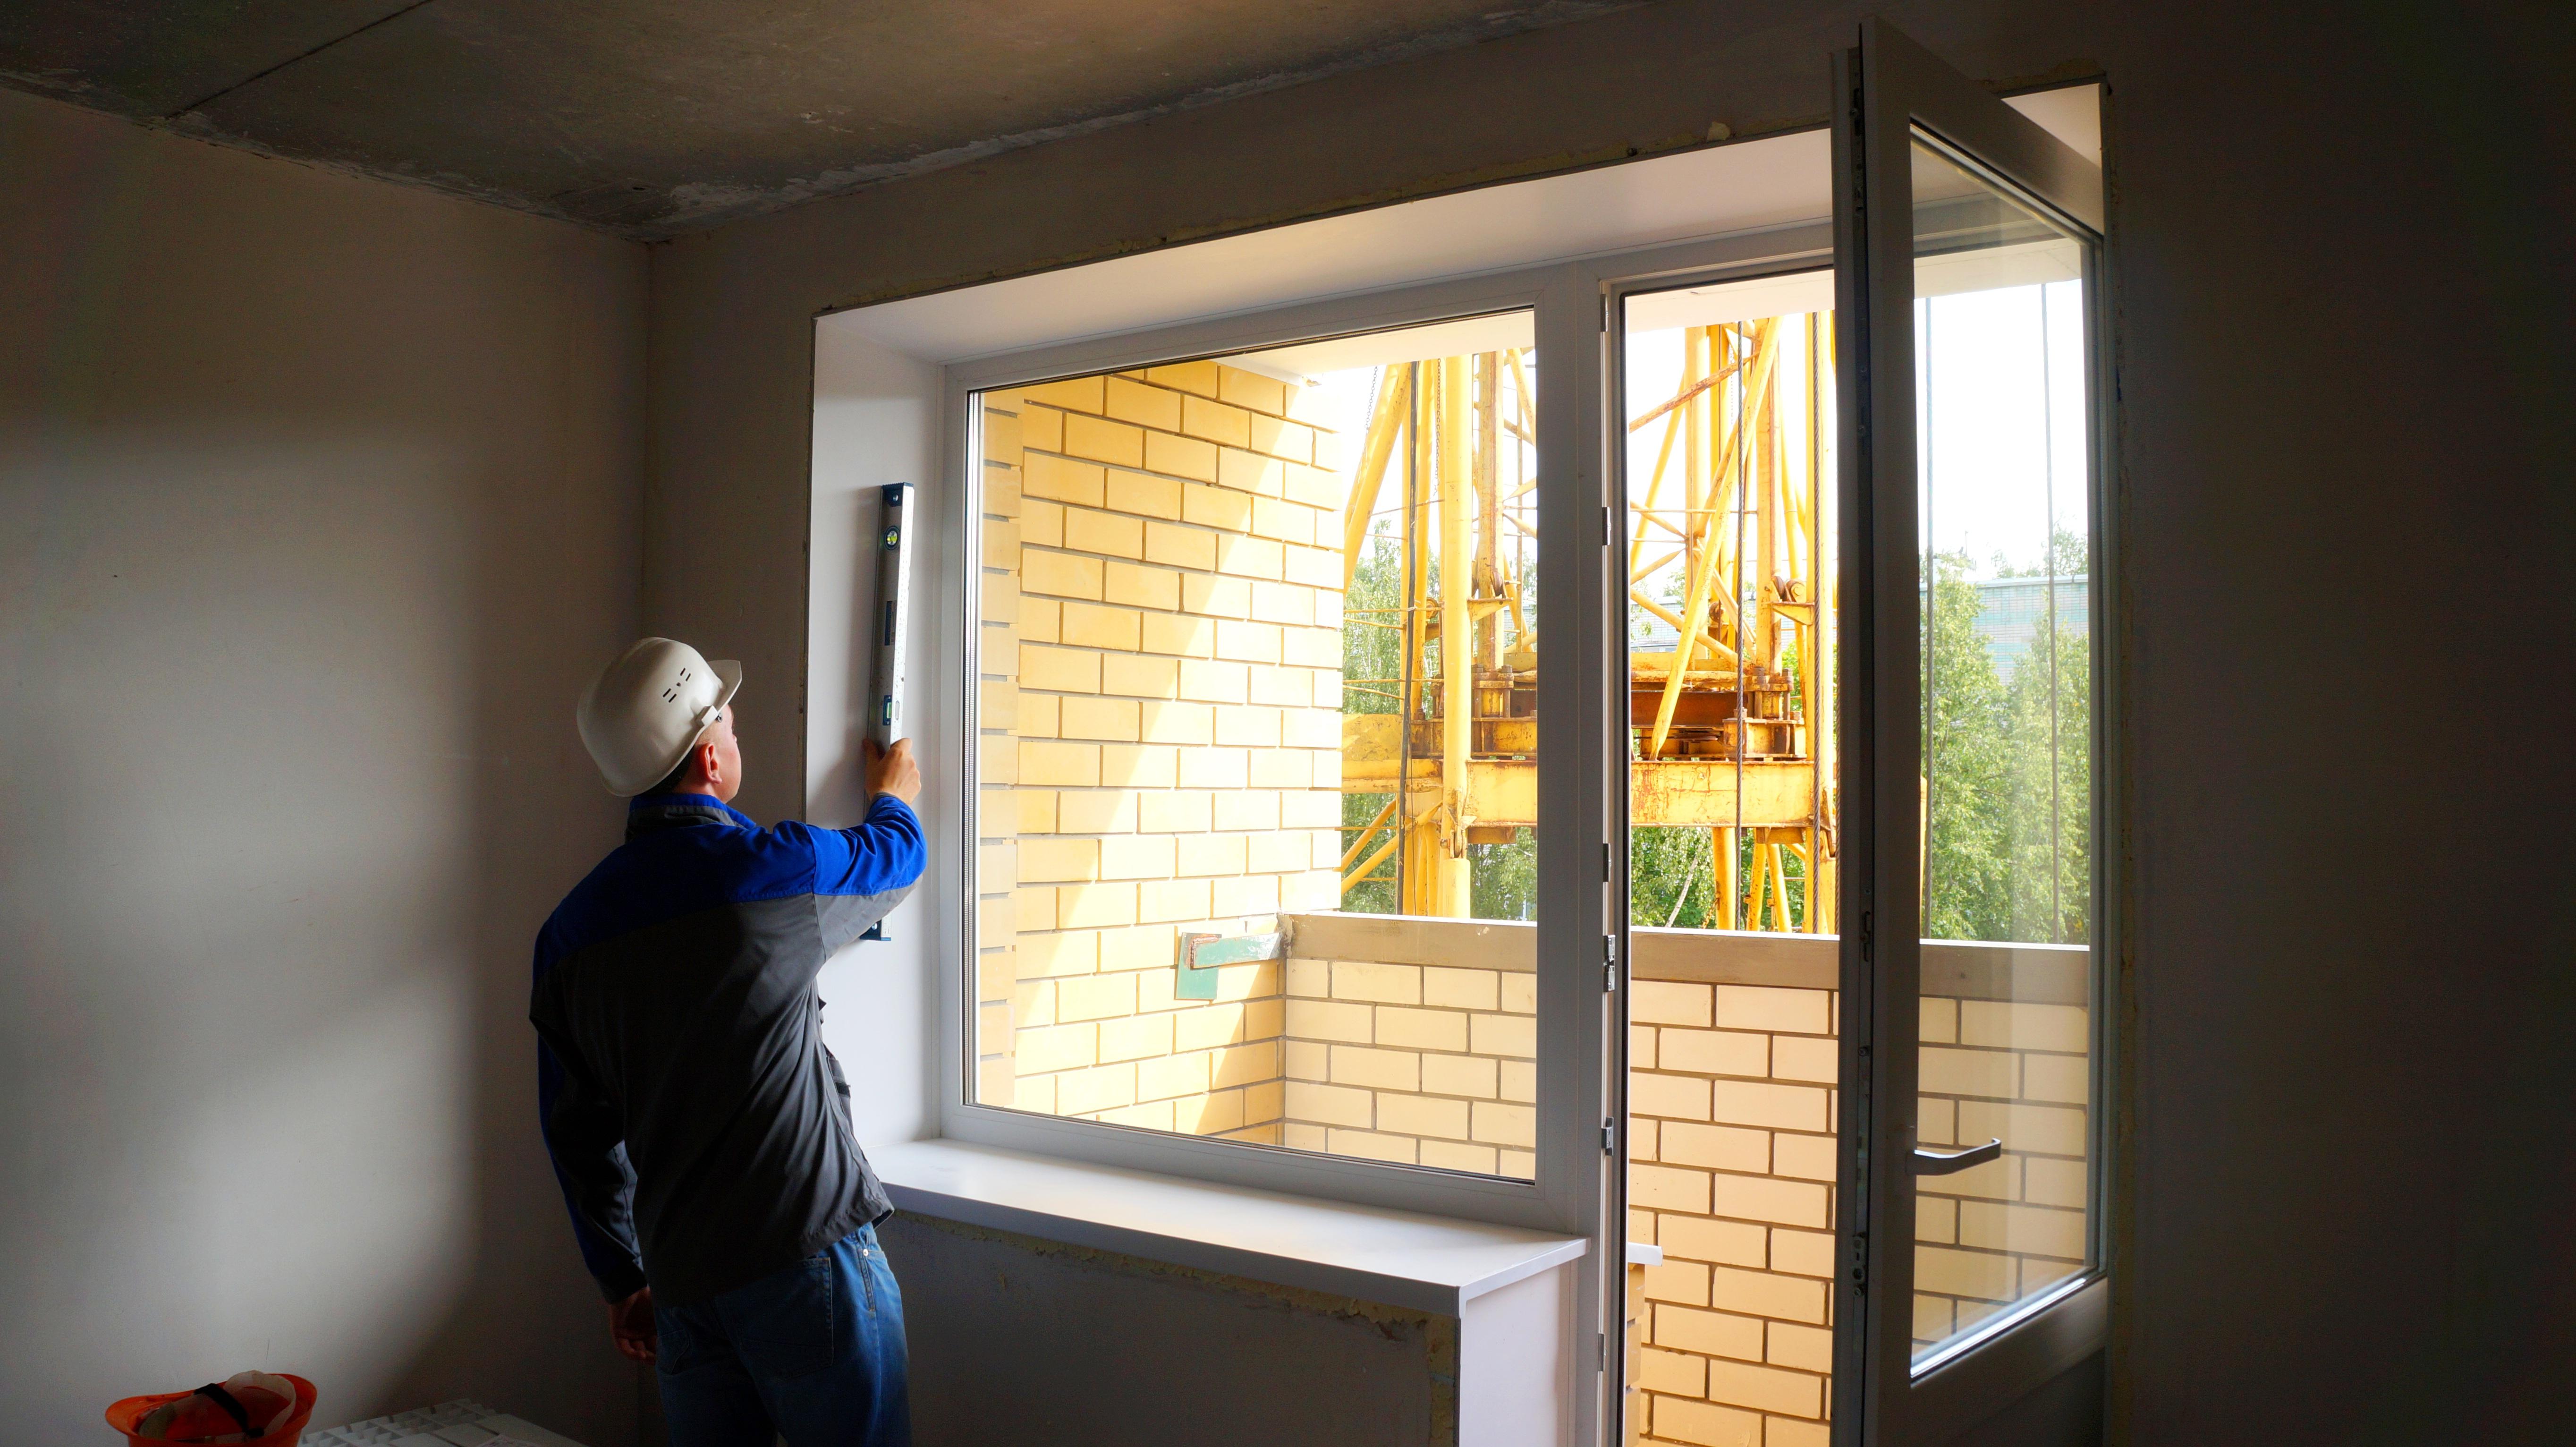 gotovye-otkosy-na-novom-okne